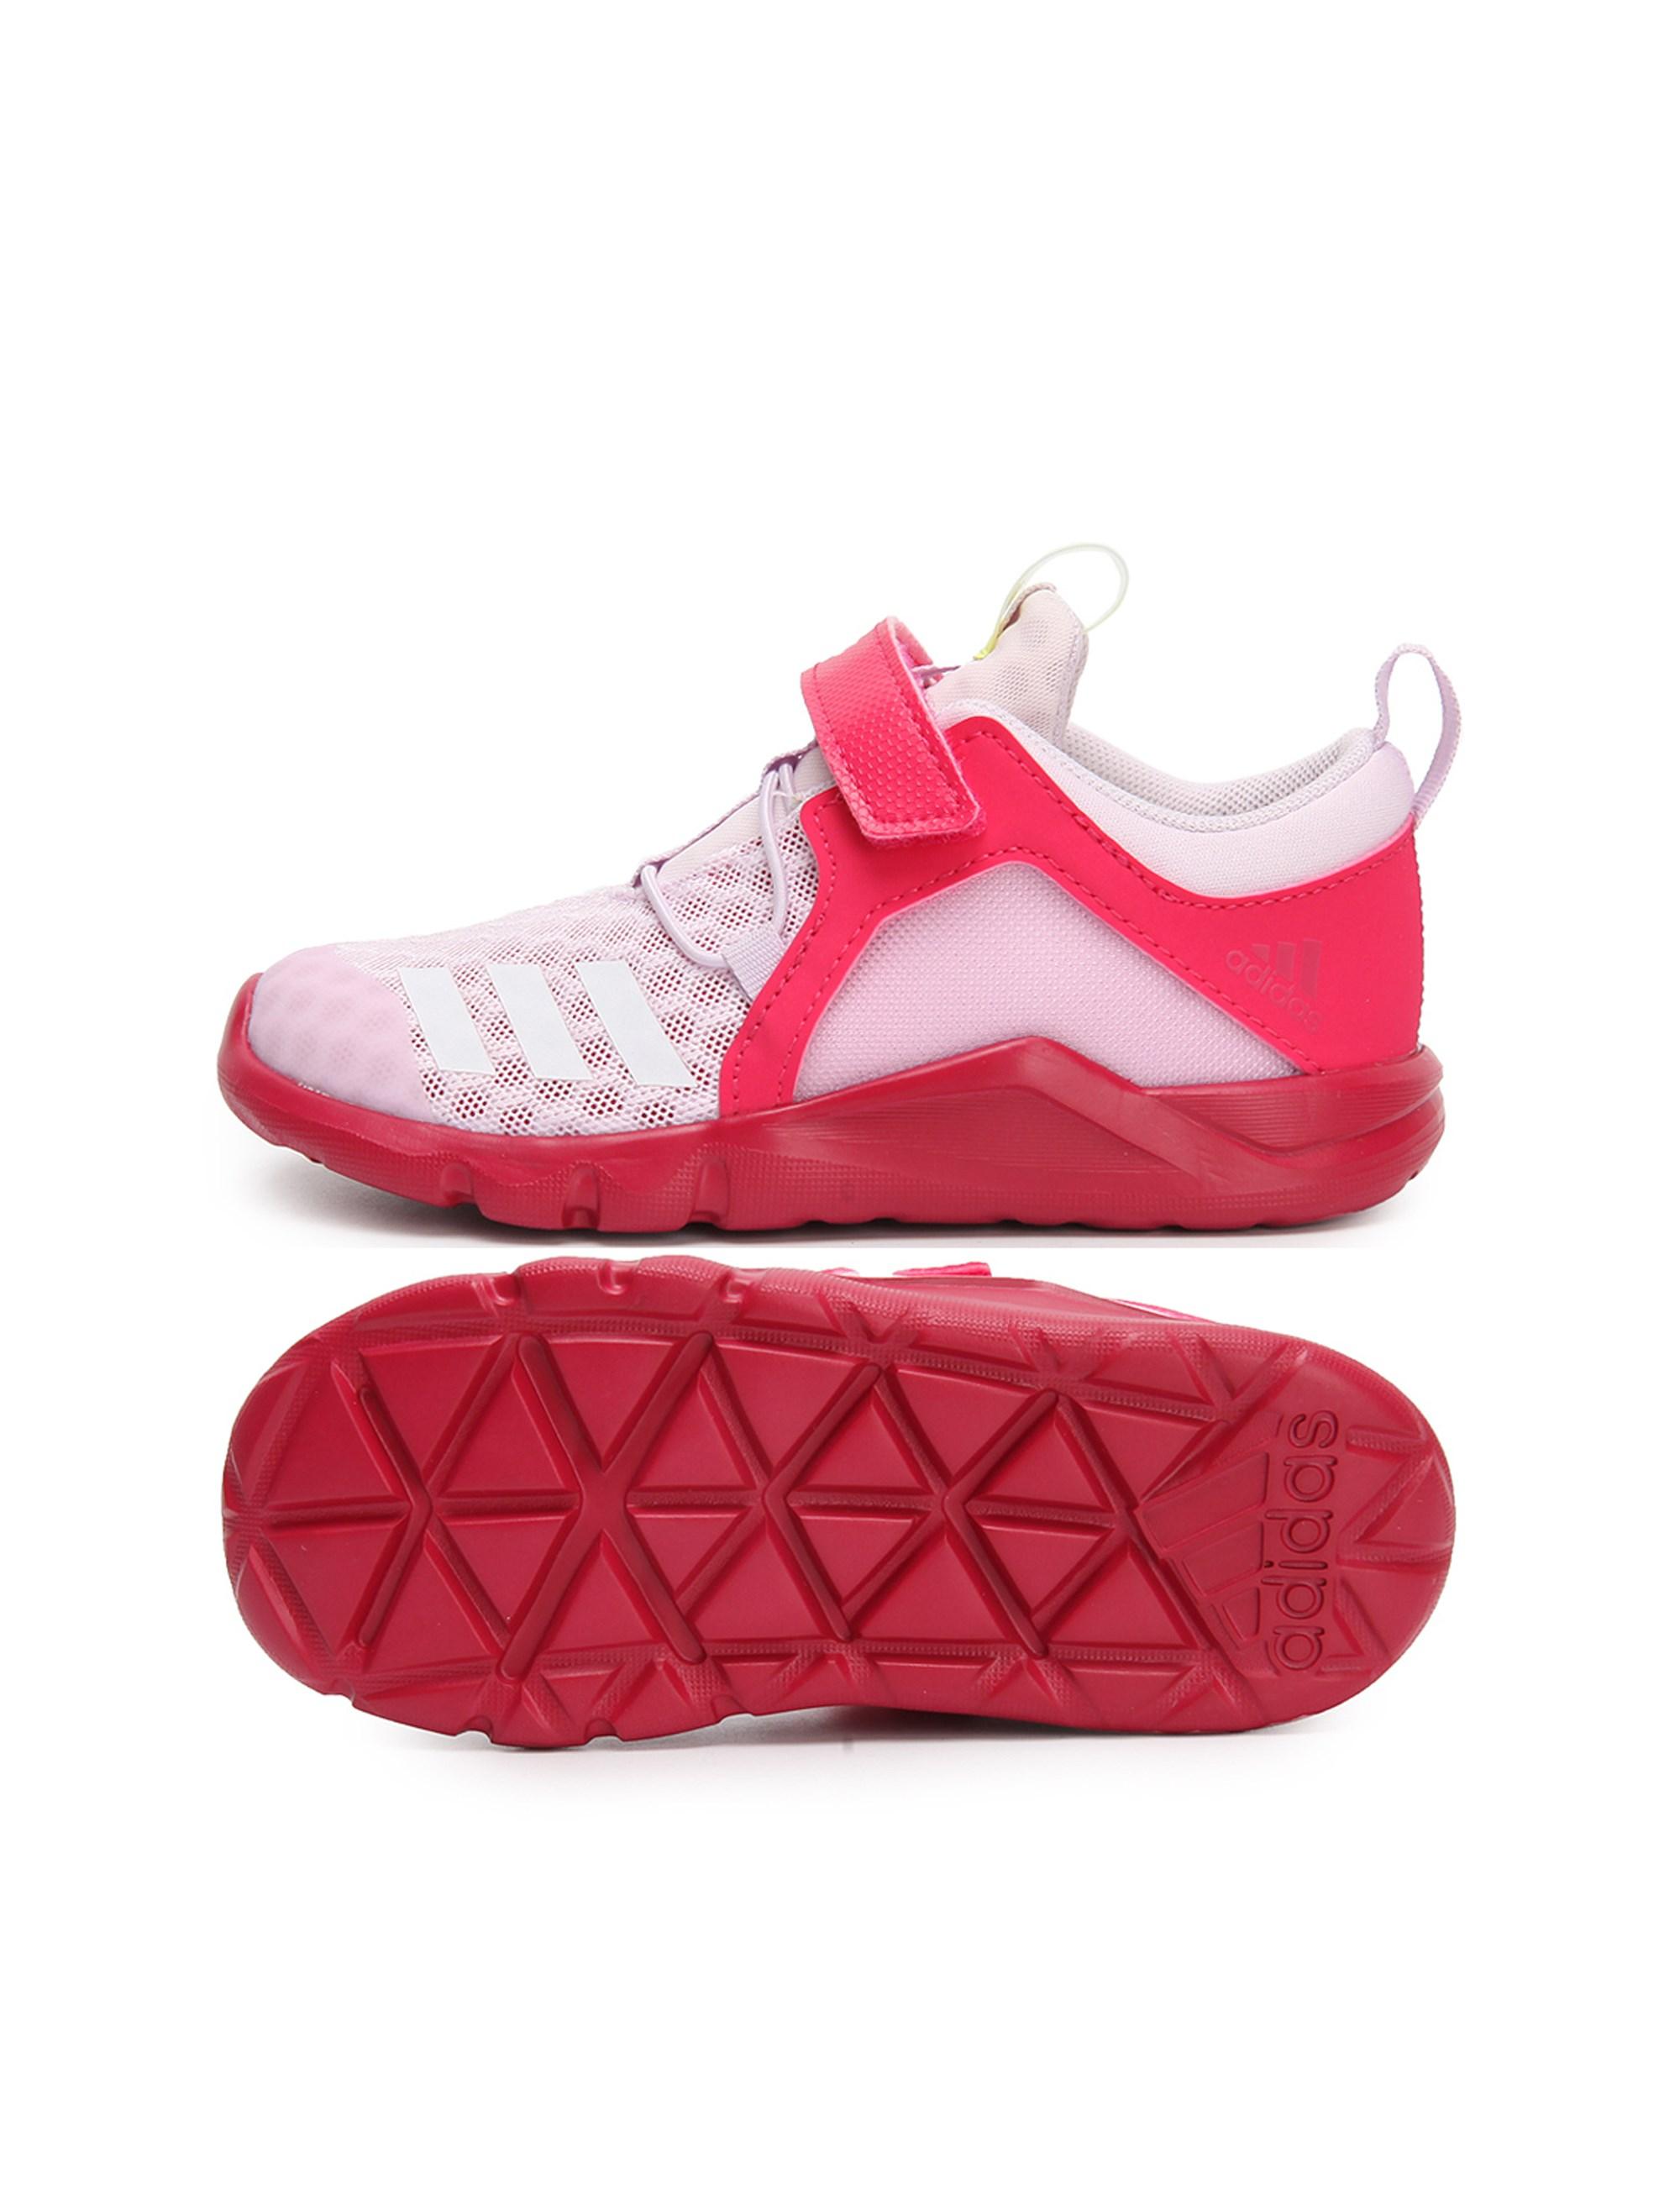 کفش تمرین چسبی دخترانه RapidaFlex 2 - آدیداس - قرمز - 2